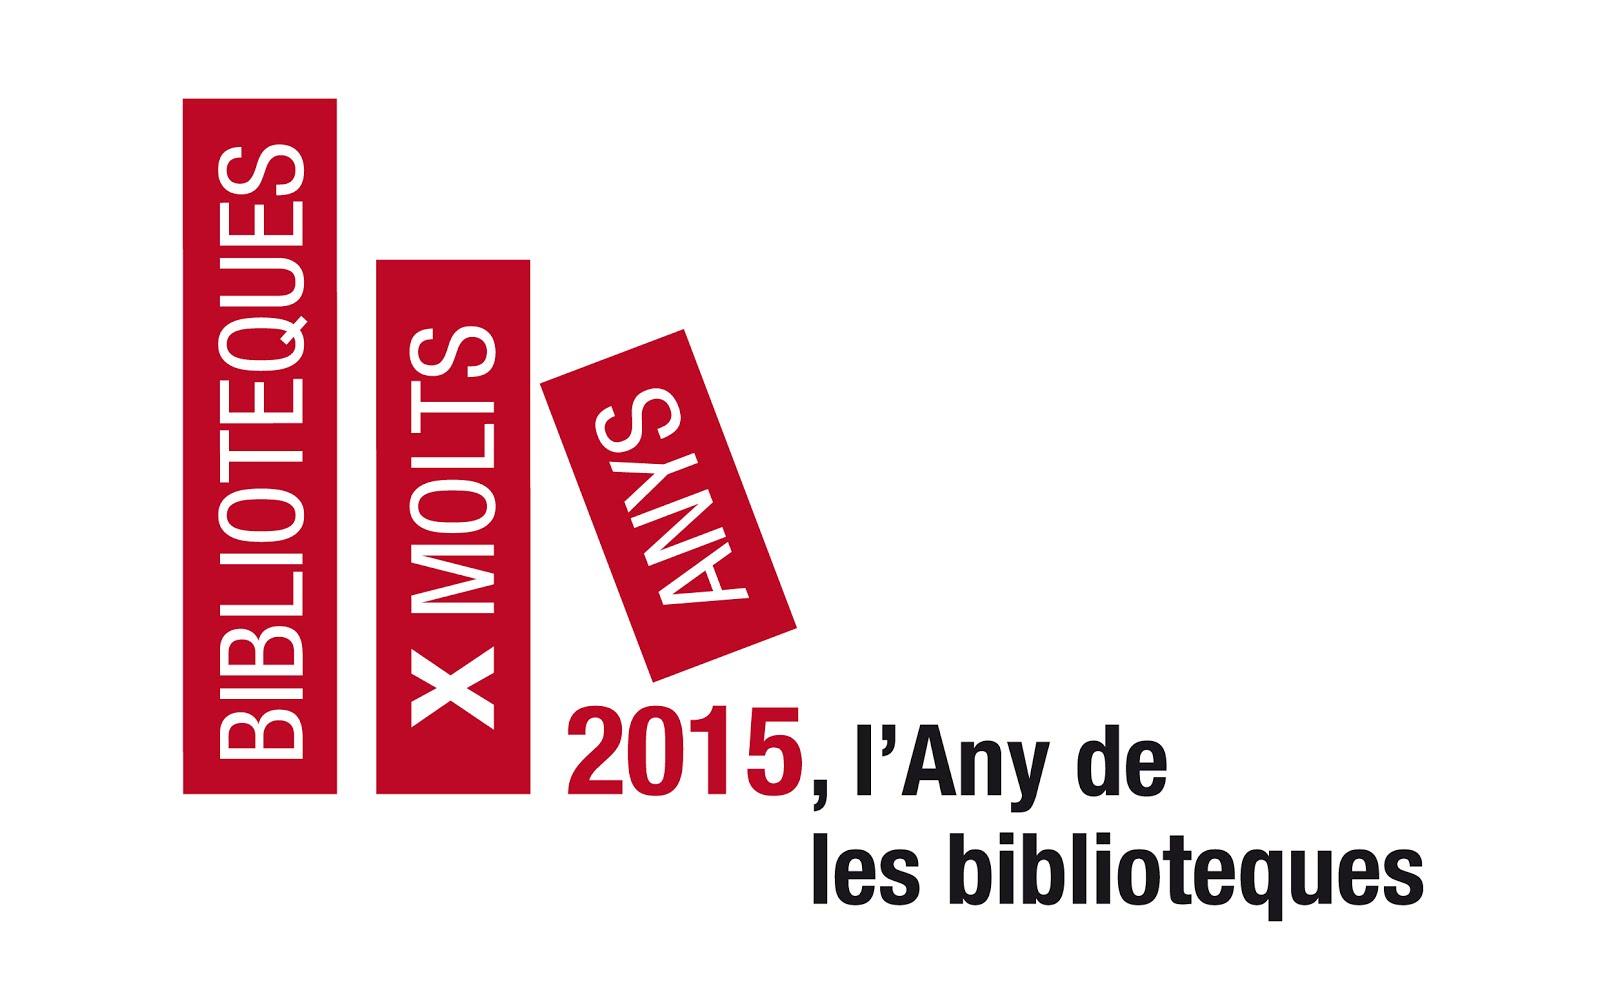 Biblioteques del món